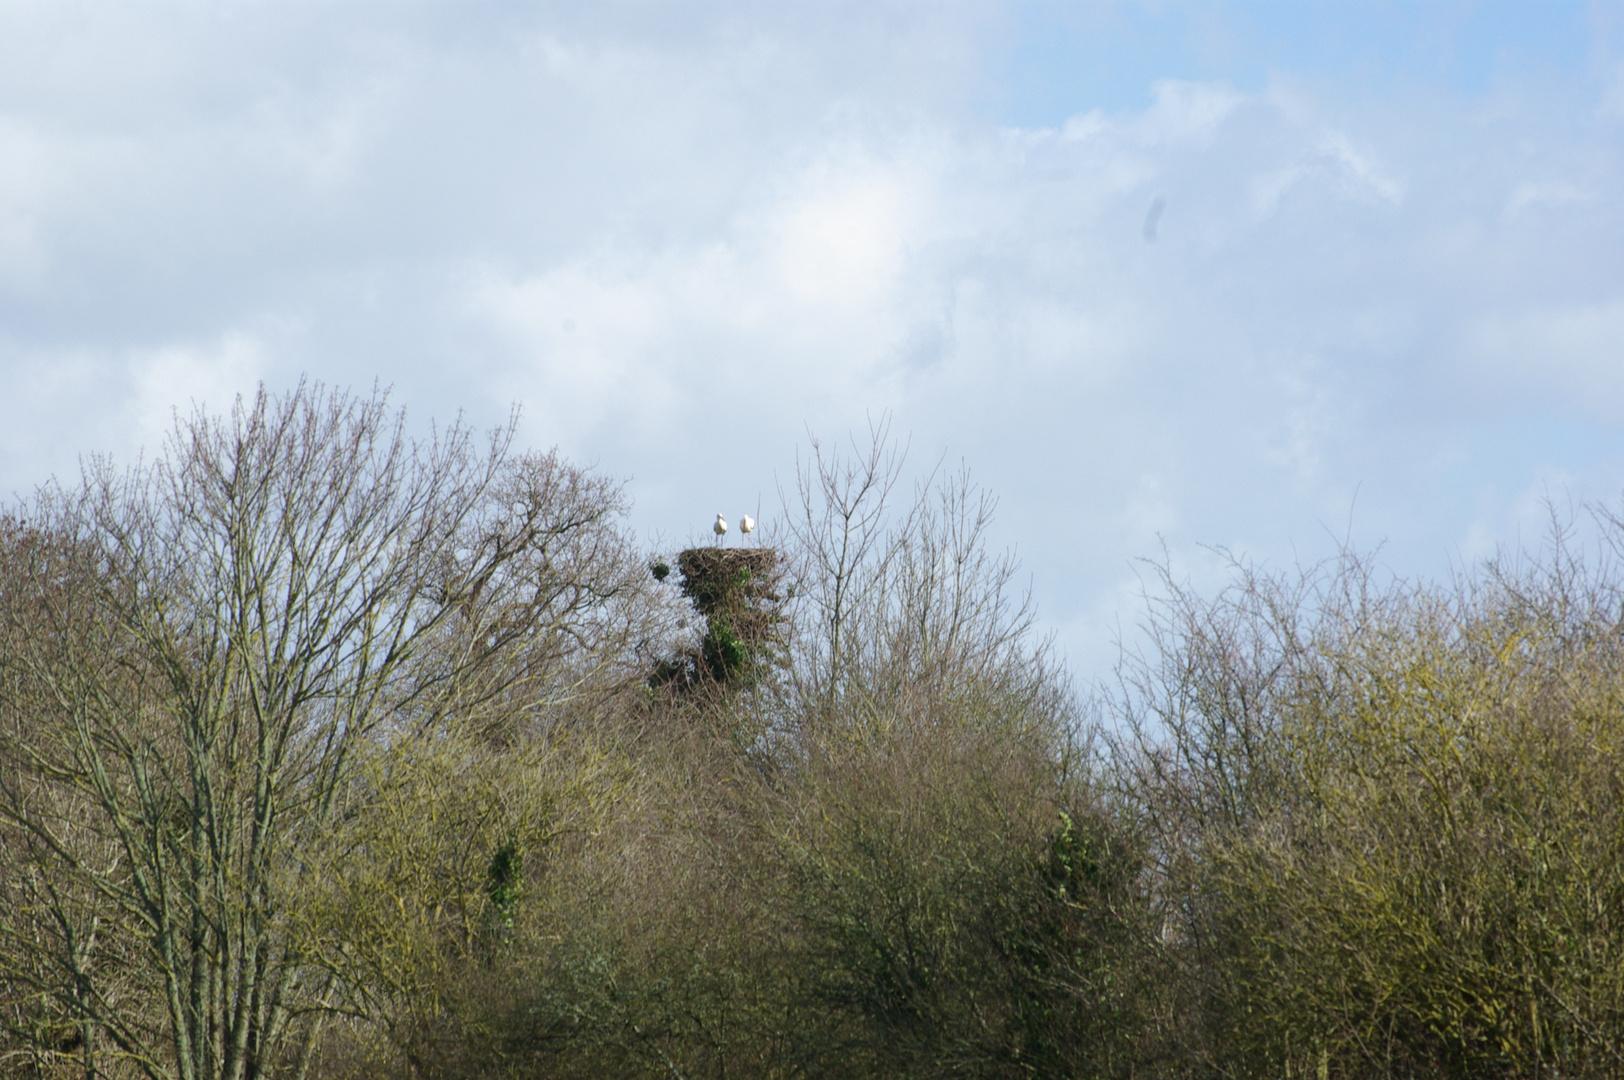 CIGOGNES dans les marais du Cotentin